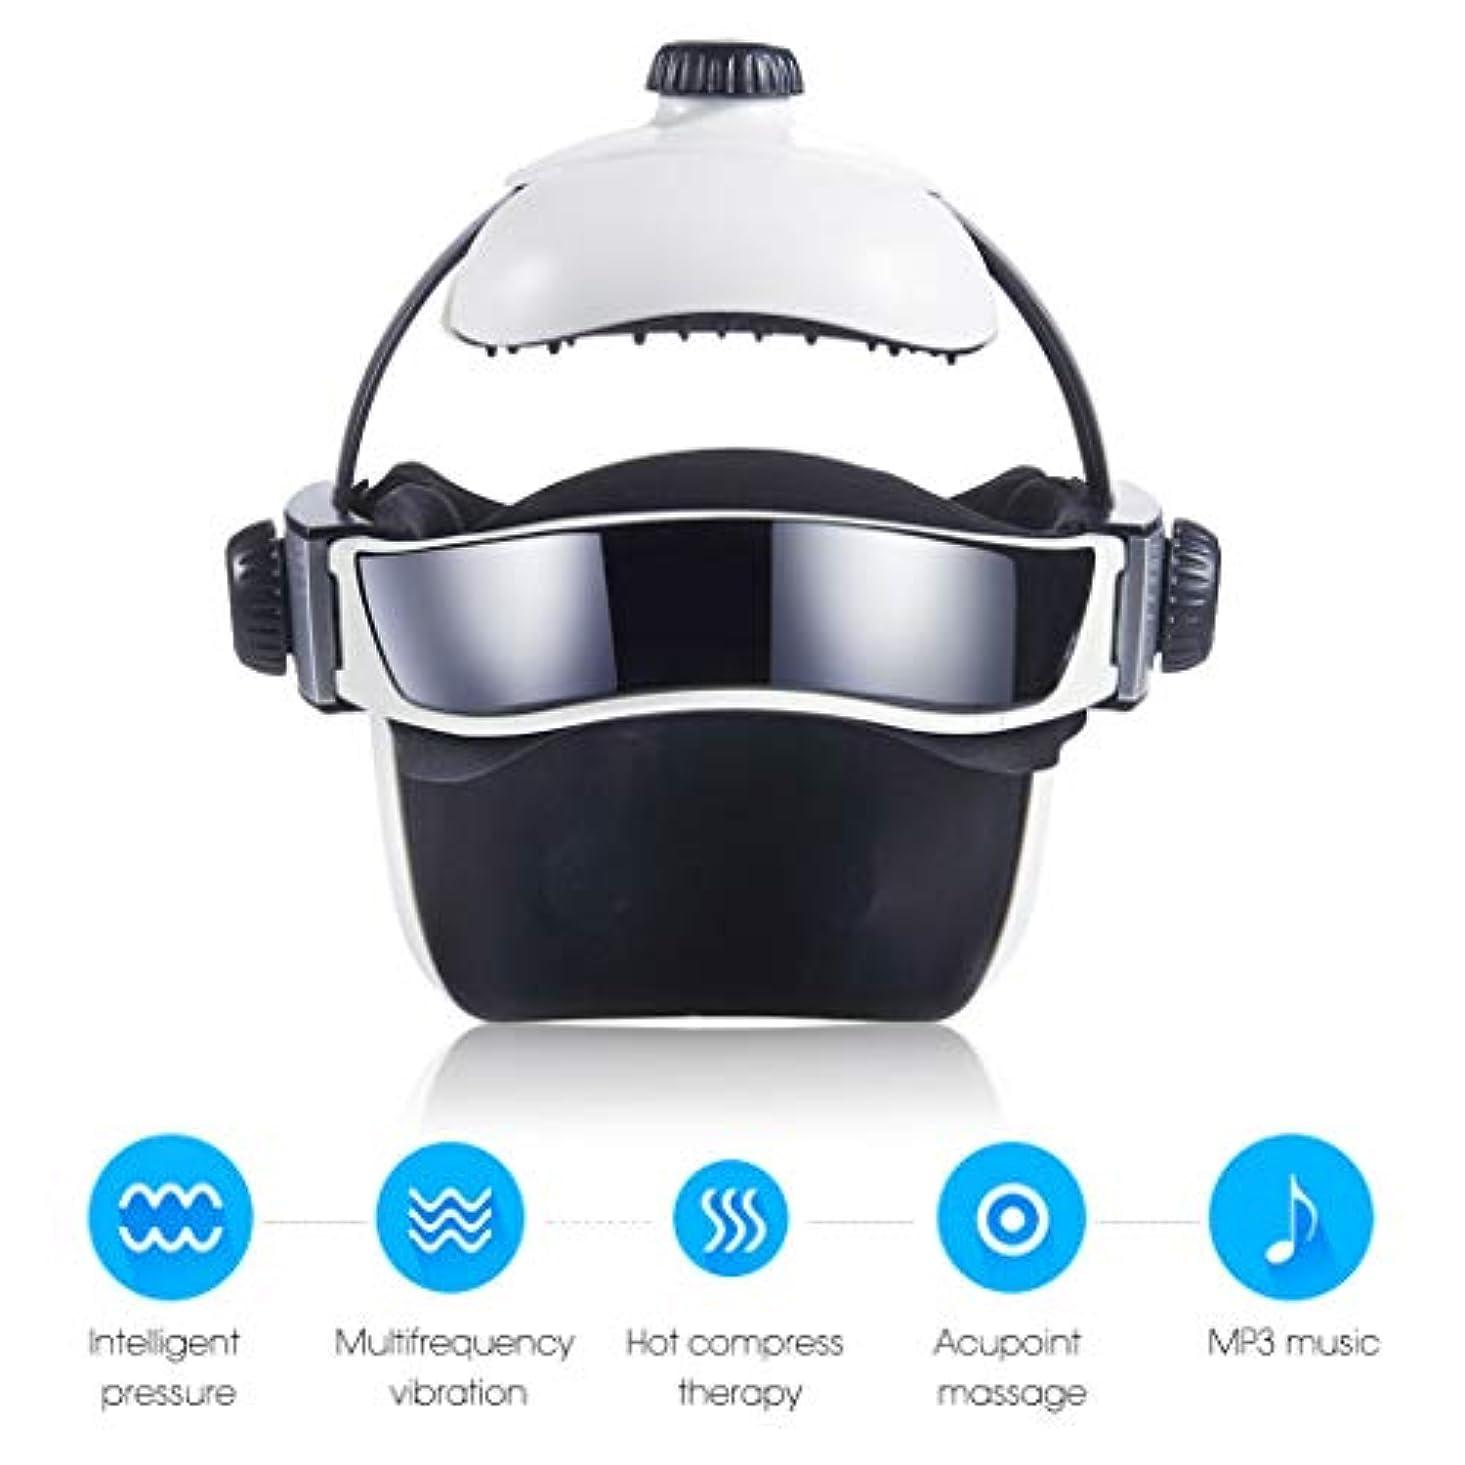 持つピットピッチ熱空気圧縮振動フィンガープレスマッサージ、目、首マッサージ音楽なだめるリラックスヘルメットタイプの電動ヘッド